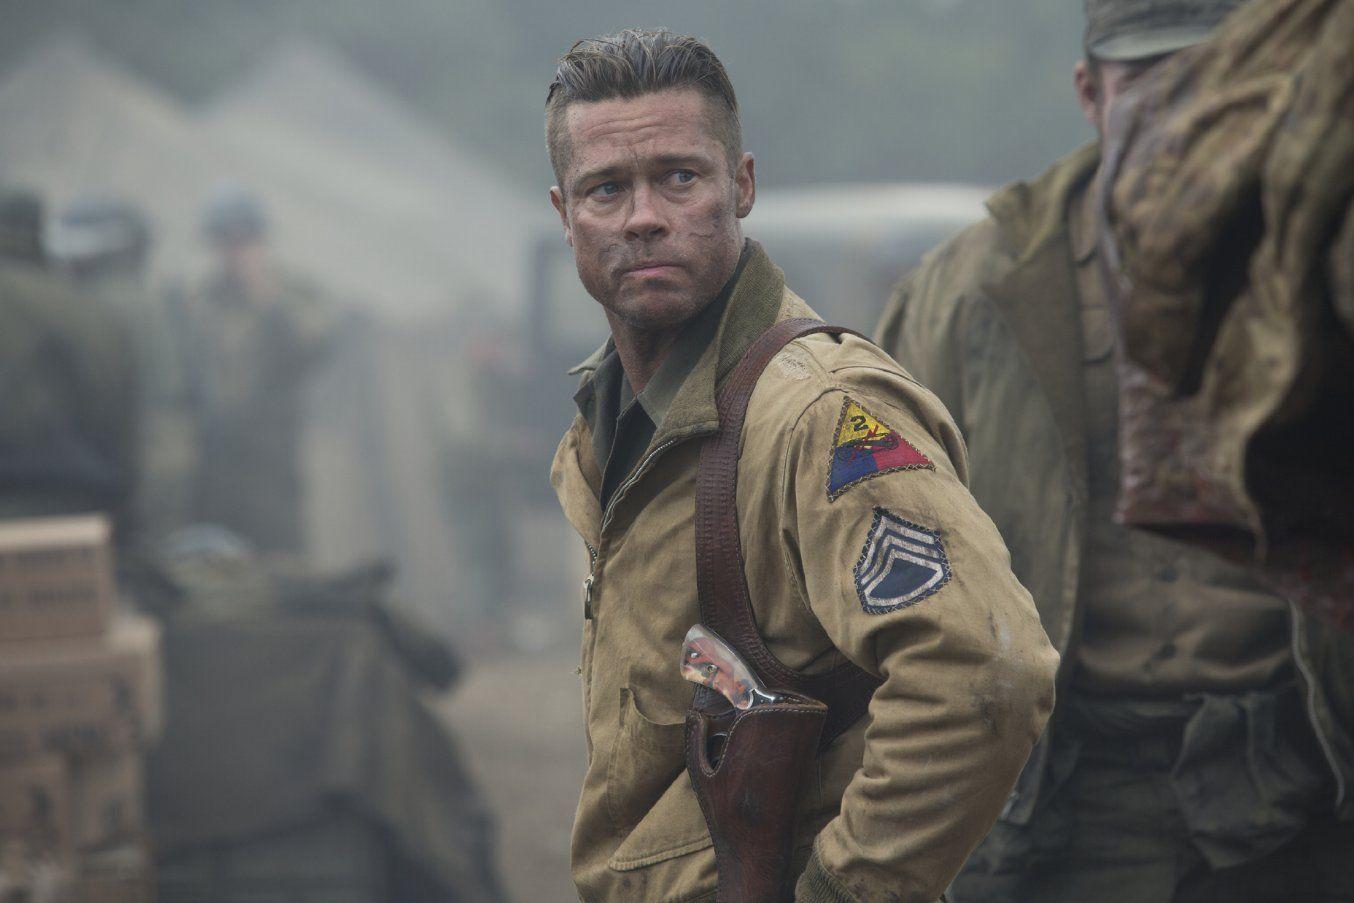 Fury Herz Aus Stahl Brad Pitt Frisur Upworldthegame